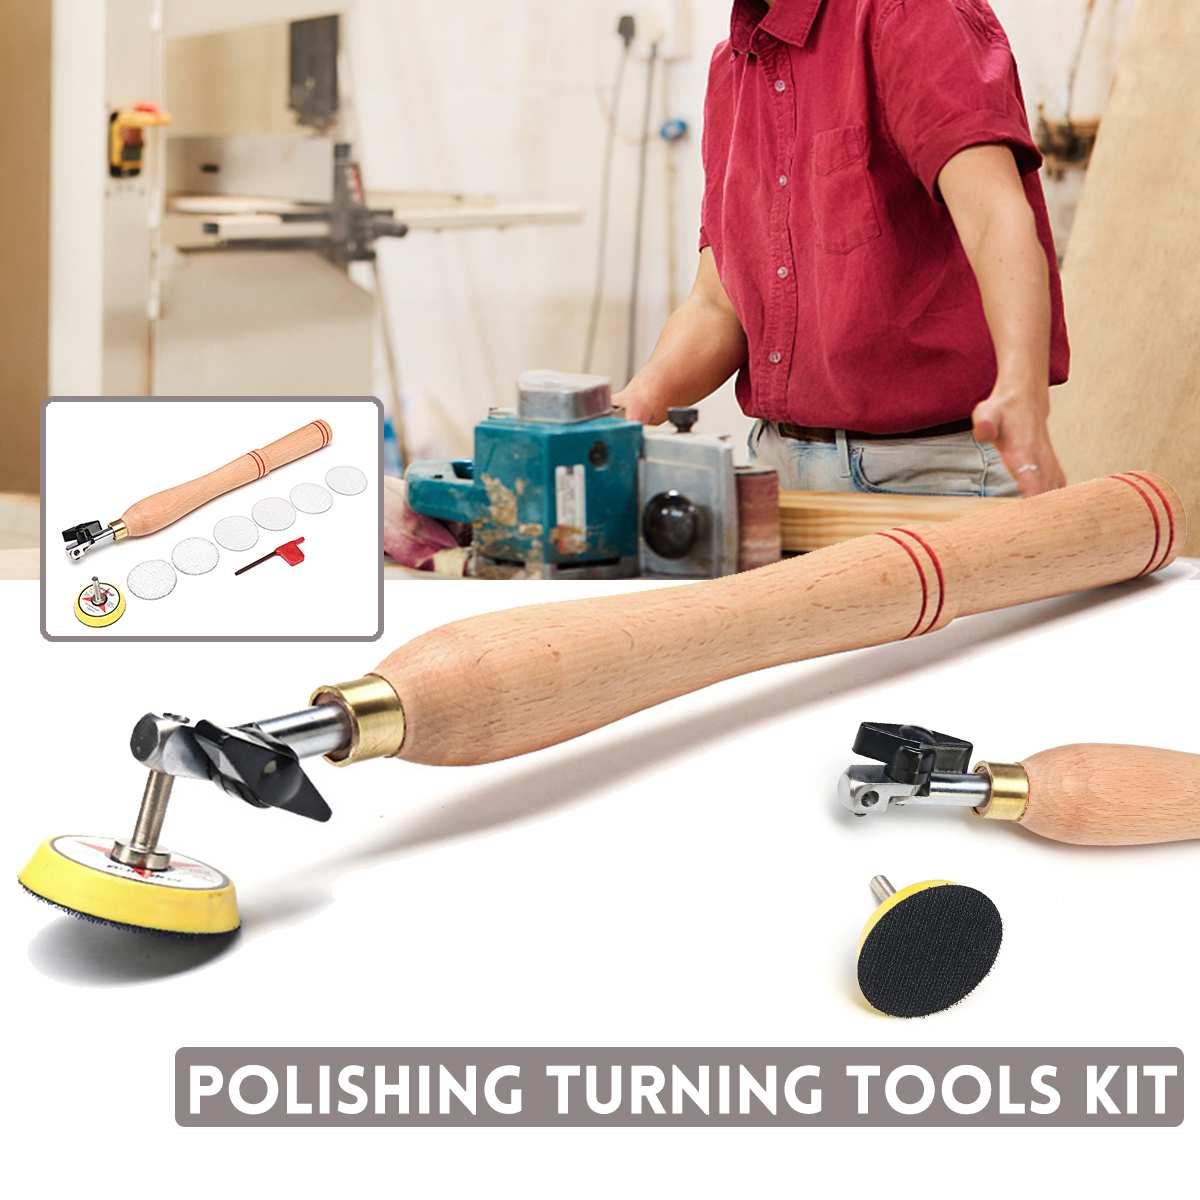 Деревянная чаша шлифовальный инструмент с шлифовальным диском для токарного станка инструменты для токарной обработки древесины Деревообработка